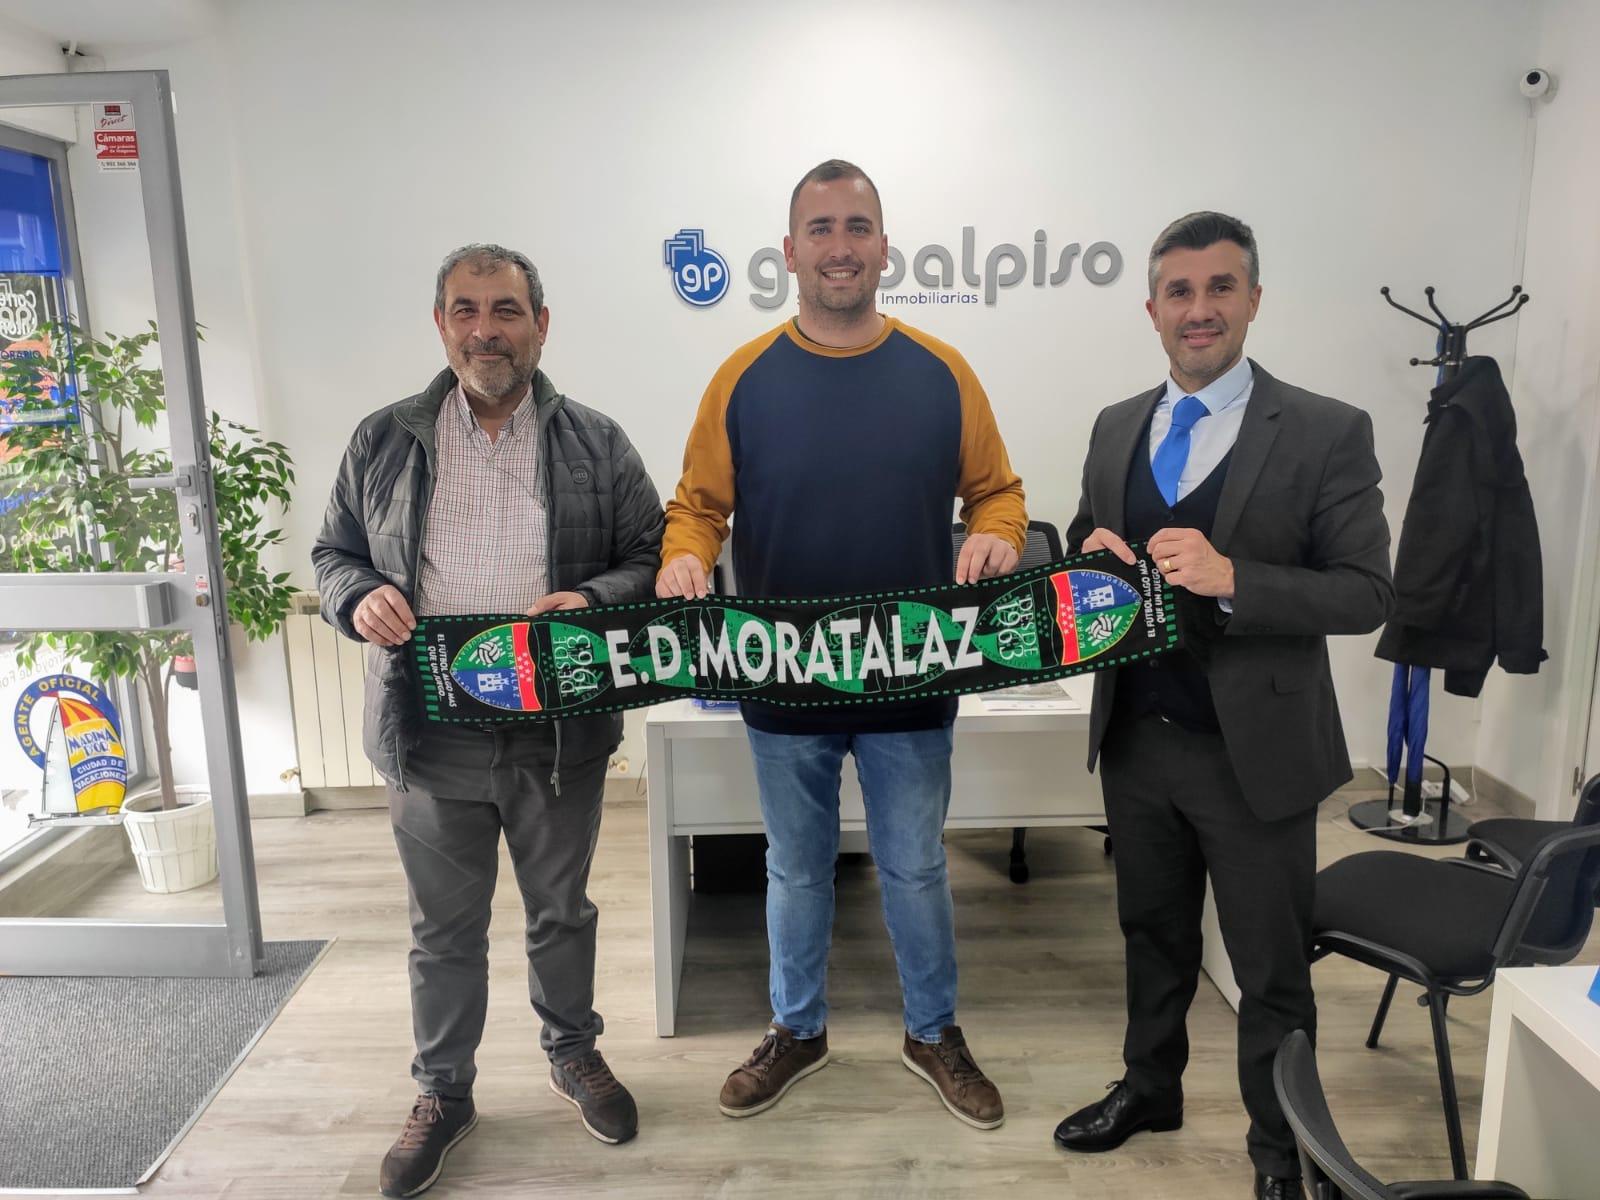 La Escuela Deportiva Moratalaz renueva 4 años con Globalpiso